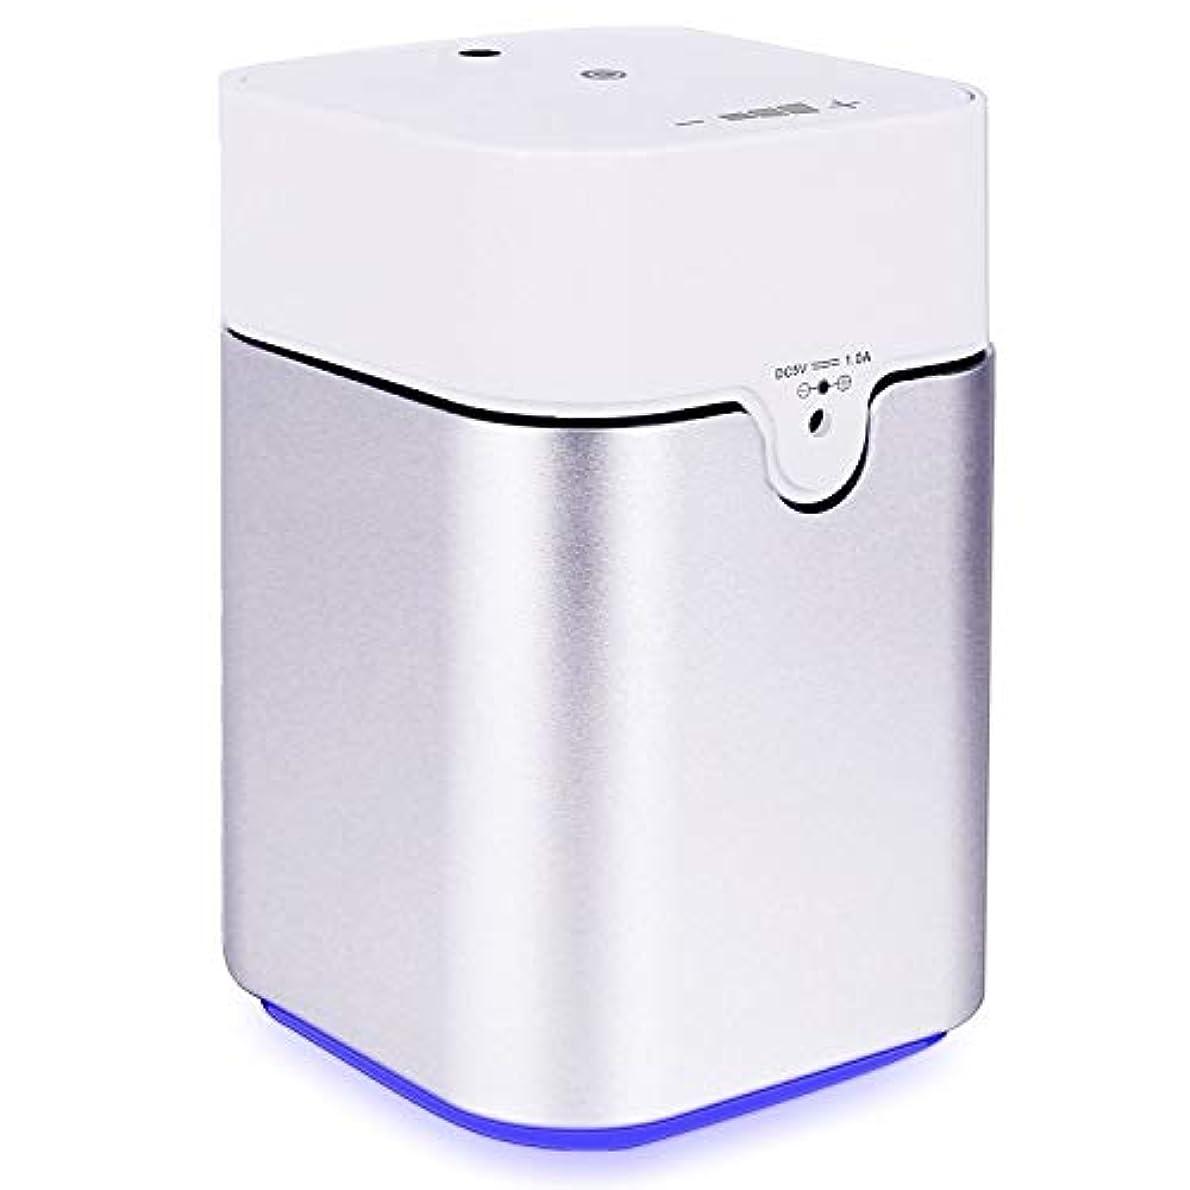 消化科学者変色するENERG e's Pure アロマディフューザー ヨガ室 整体院人気 タイマー機能 ネブライザー式 量調整可能 精油瓶3個付き T11-ENS082